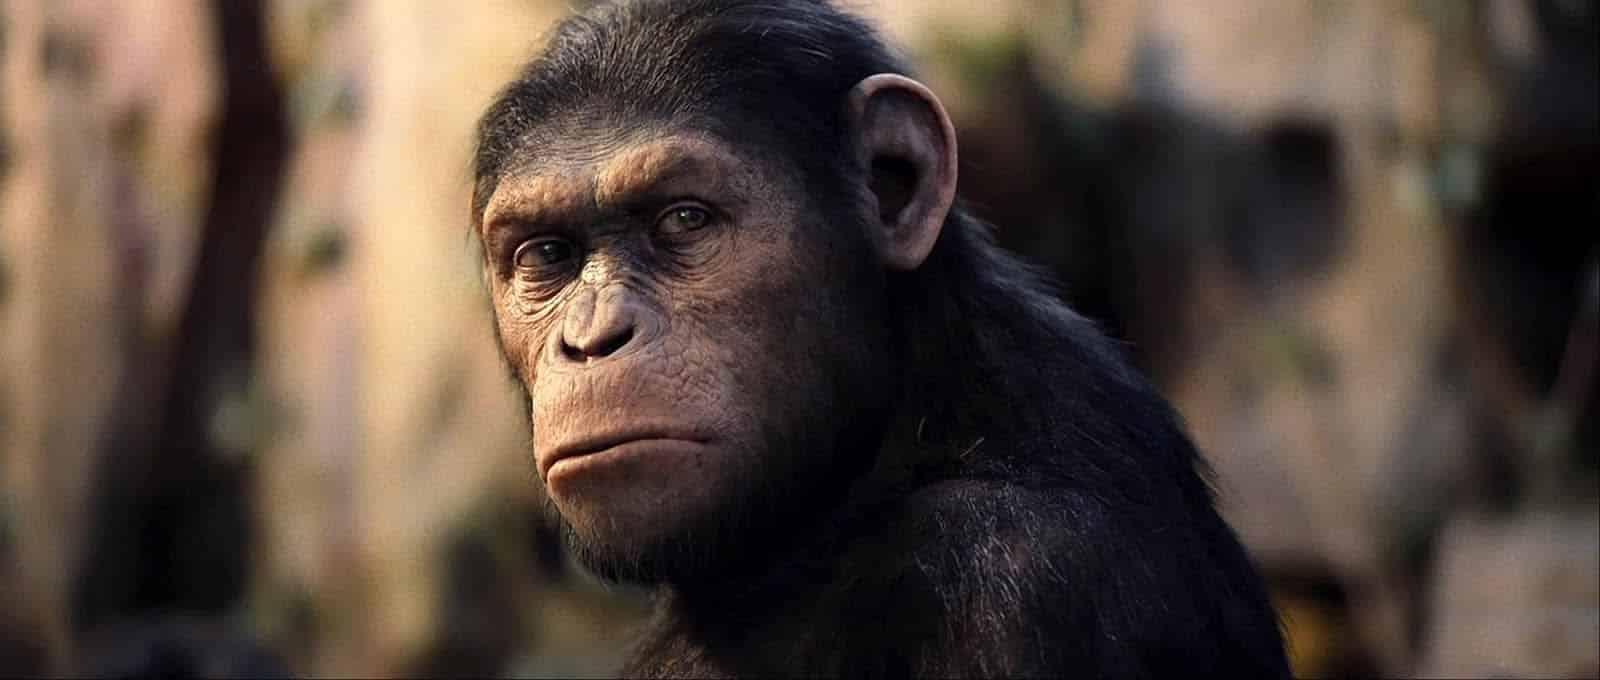 O que é a Teoria da Evolução? Ela realmente diz que nós viemos dos macacos?